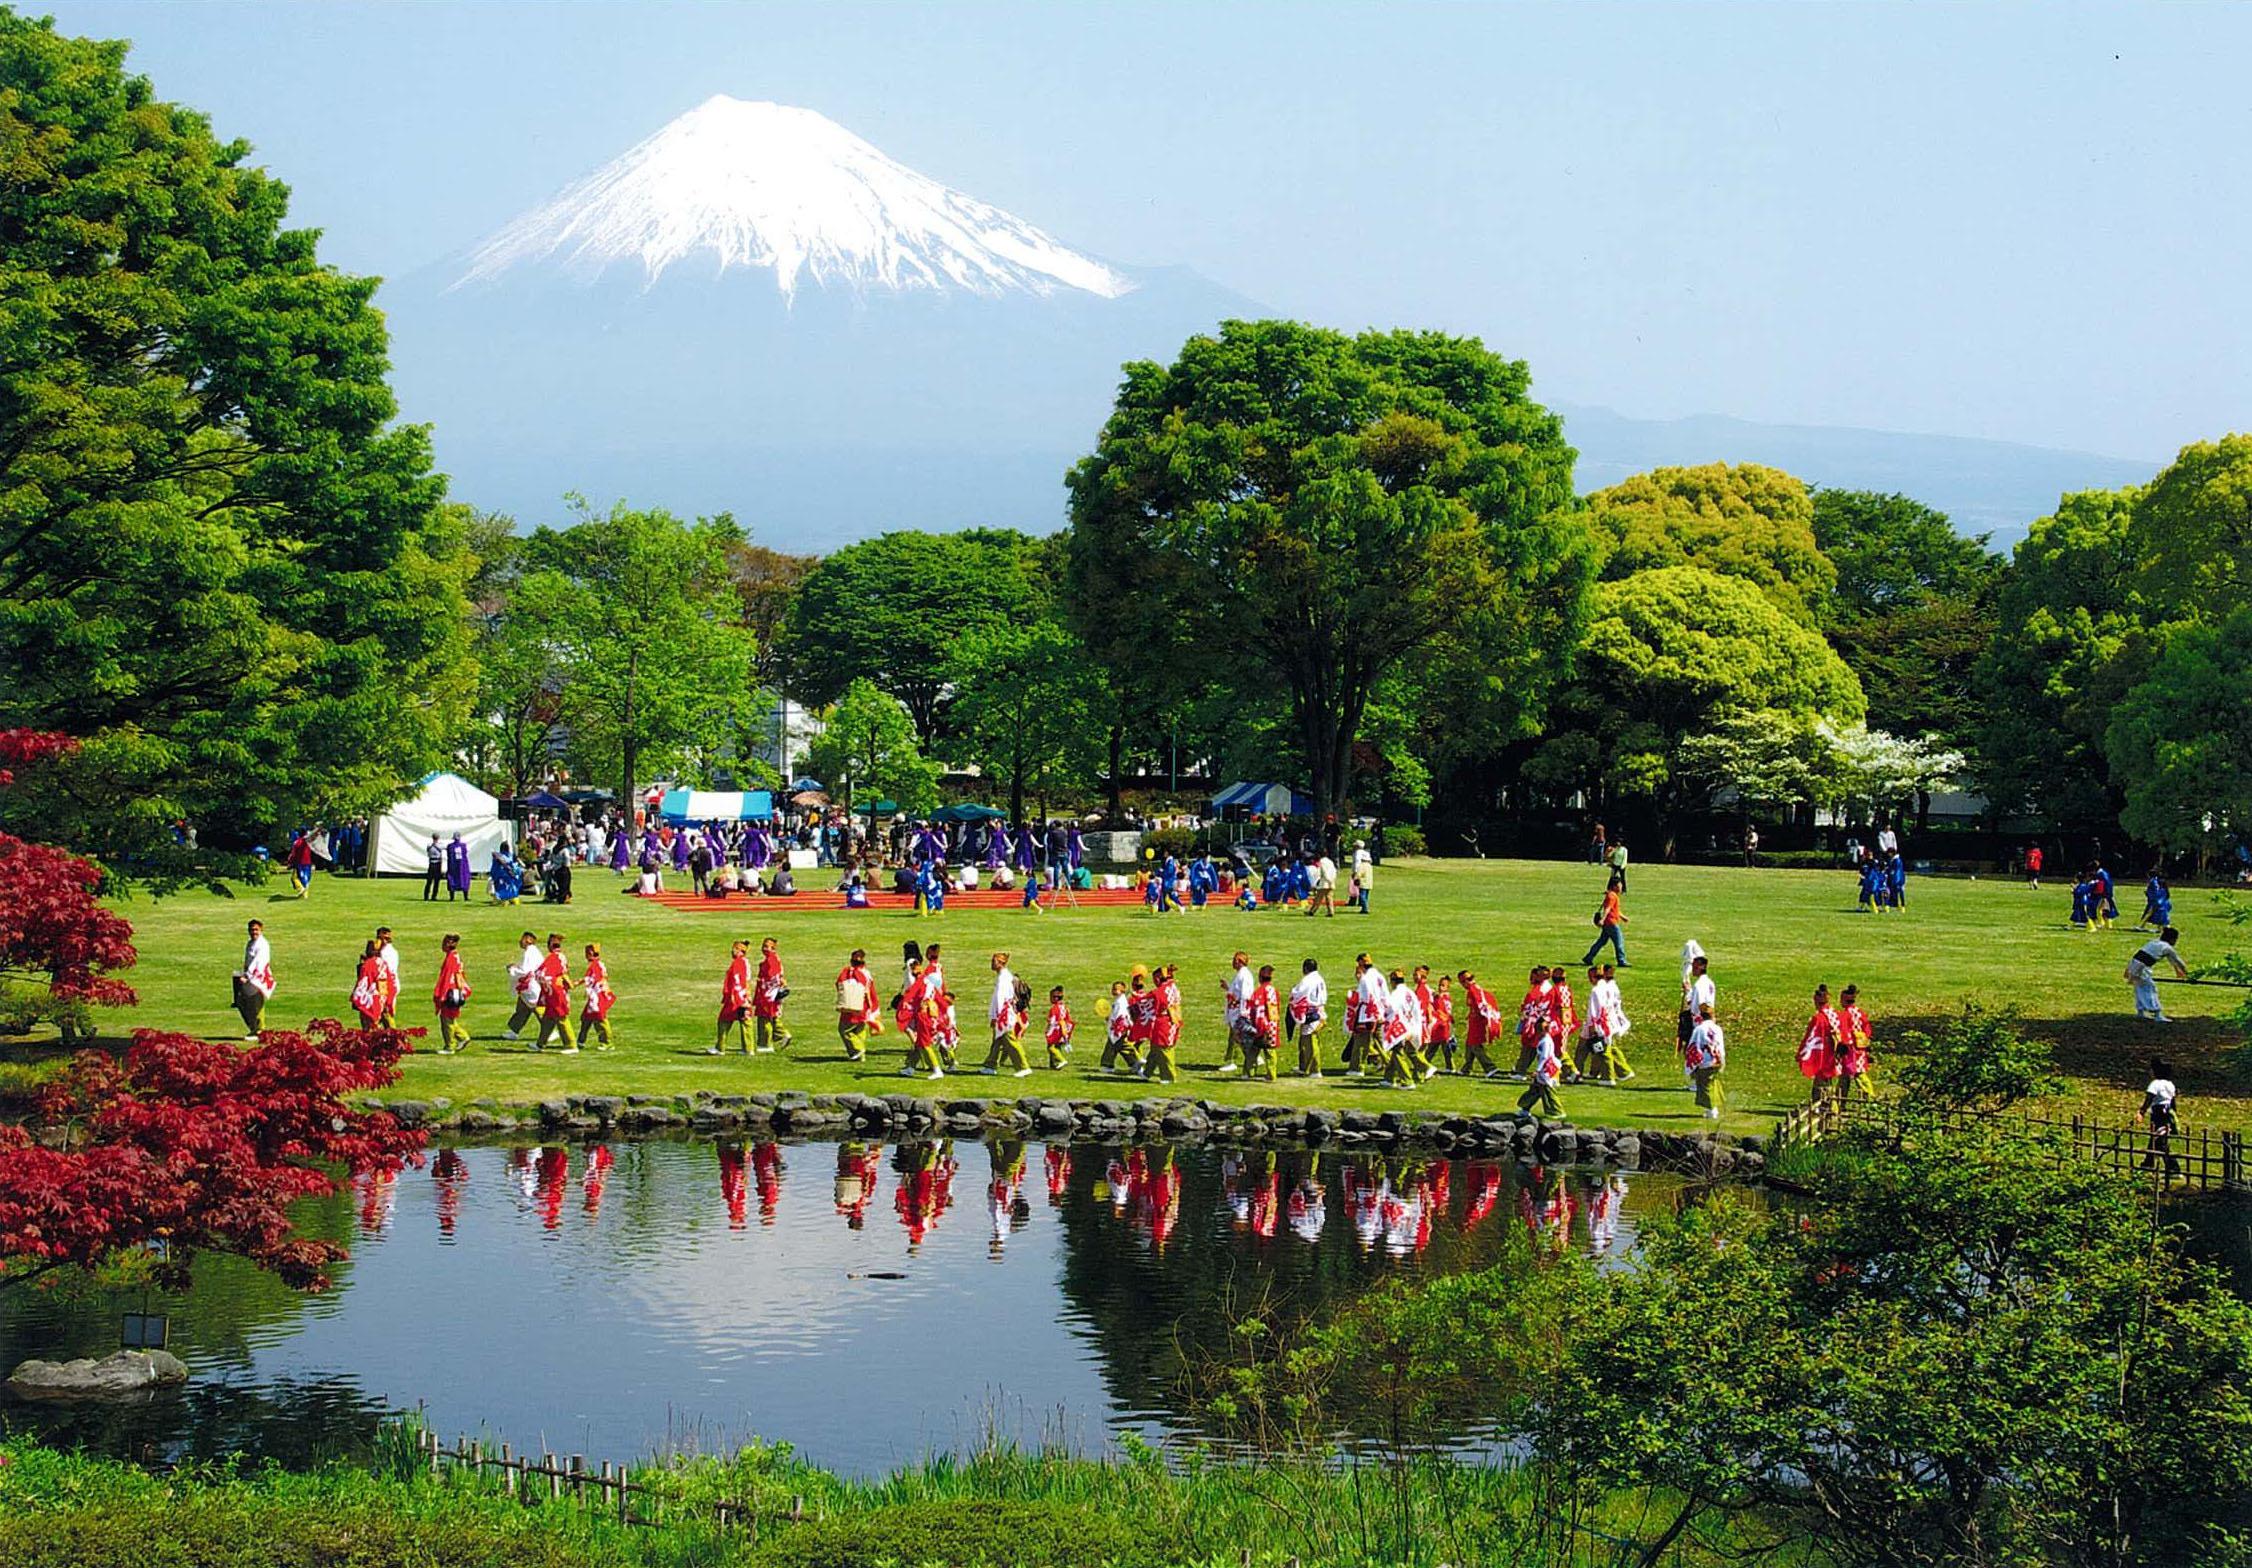 第5回富士山百景写真コンテストエリア賞「春の中央公園」